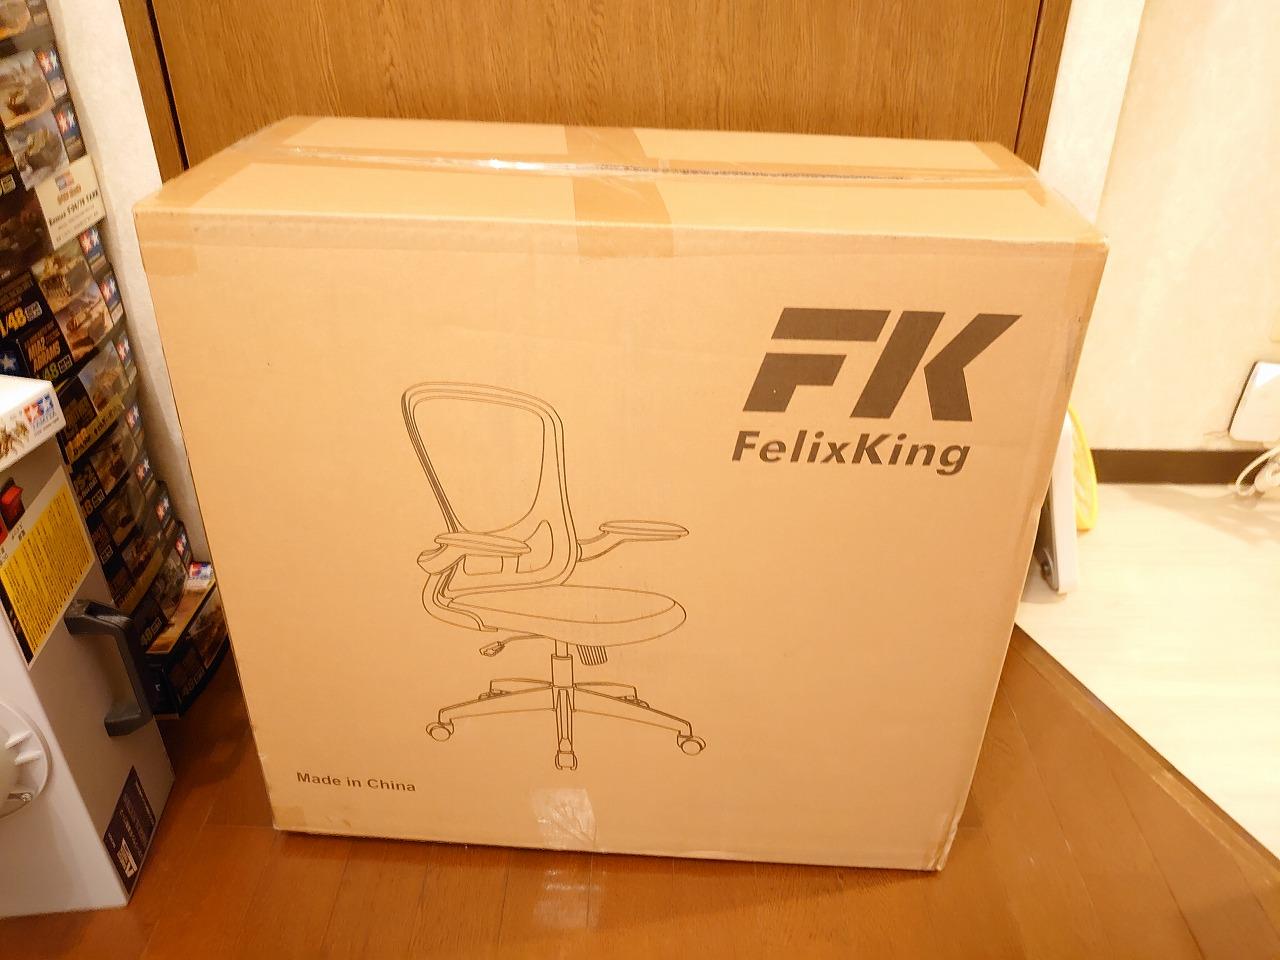 【最近購入した物】FelixKing オフィスチェアとグランドパワー2020年10月号